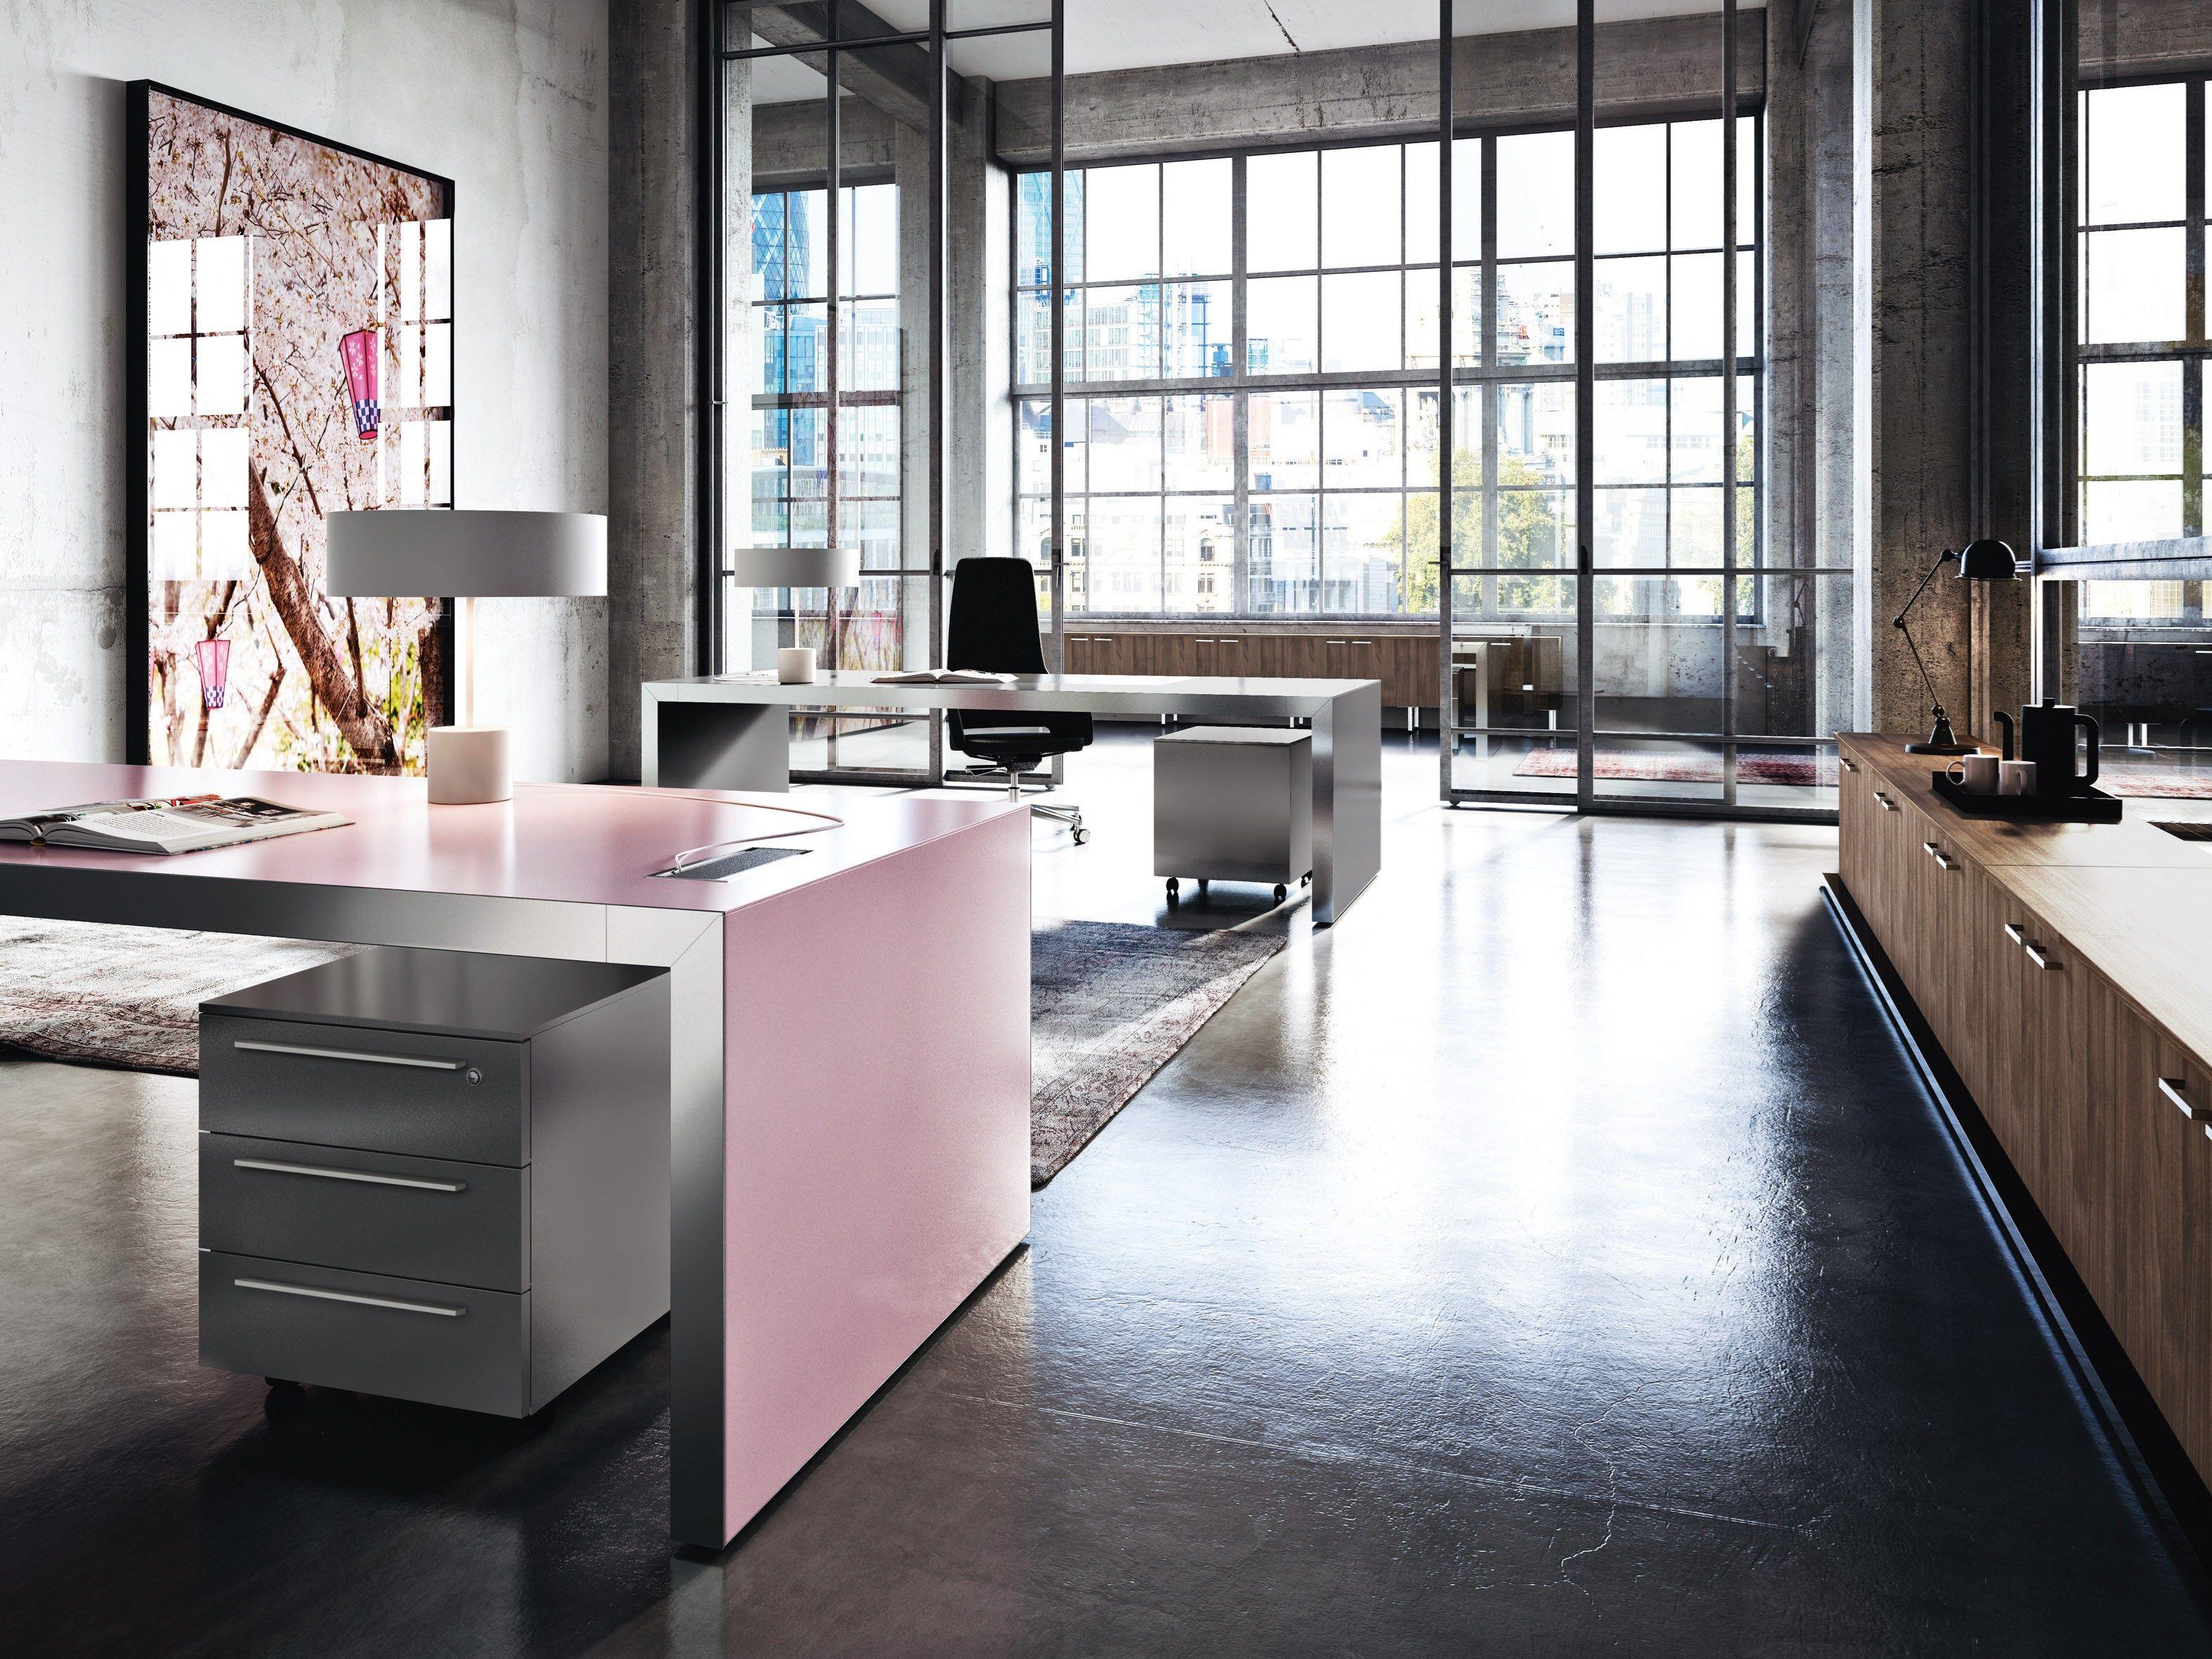 Muebles Roure Pamplona - Vogue Escritorio De Oficina Ejecutivo By Sinetica Industries [mjhdah]https://i.pinimg.com/originals/b5/a4/27/b5a42757b162d0407d59144b62aa7f49.jpg